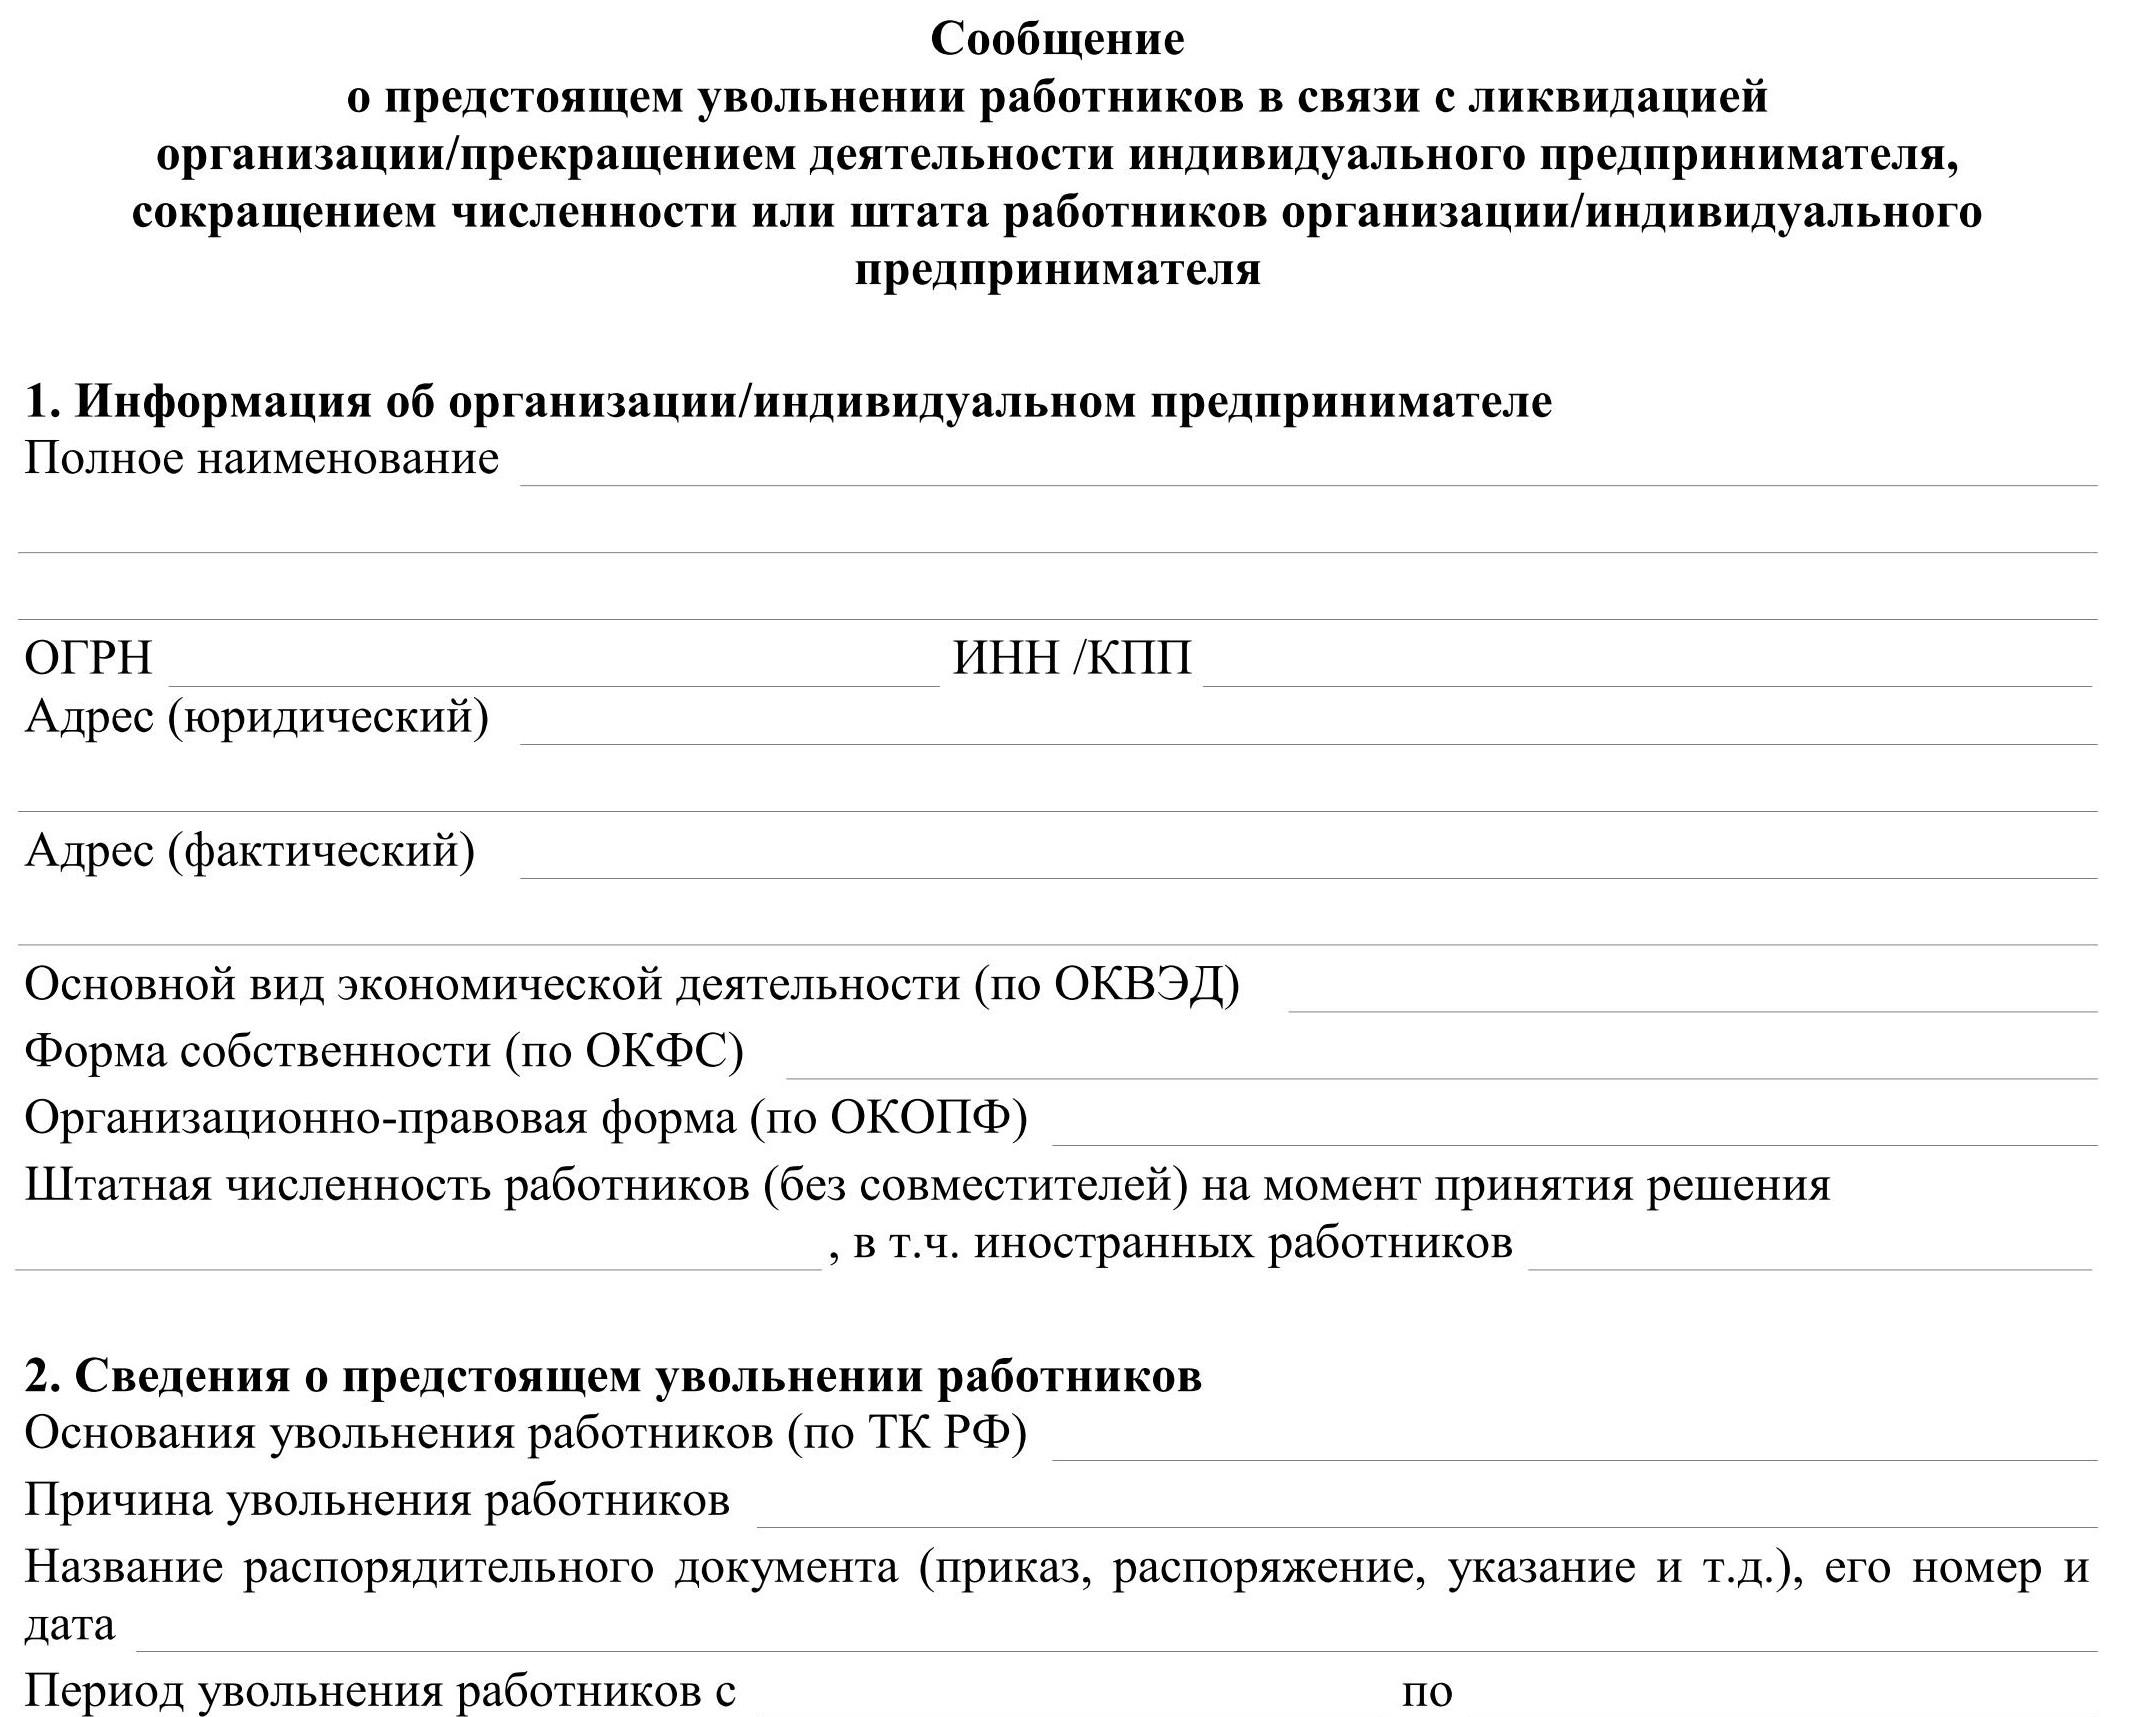 Нахождение на территории рф граждан казахстана